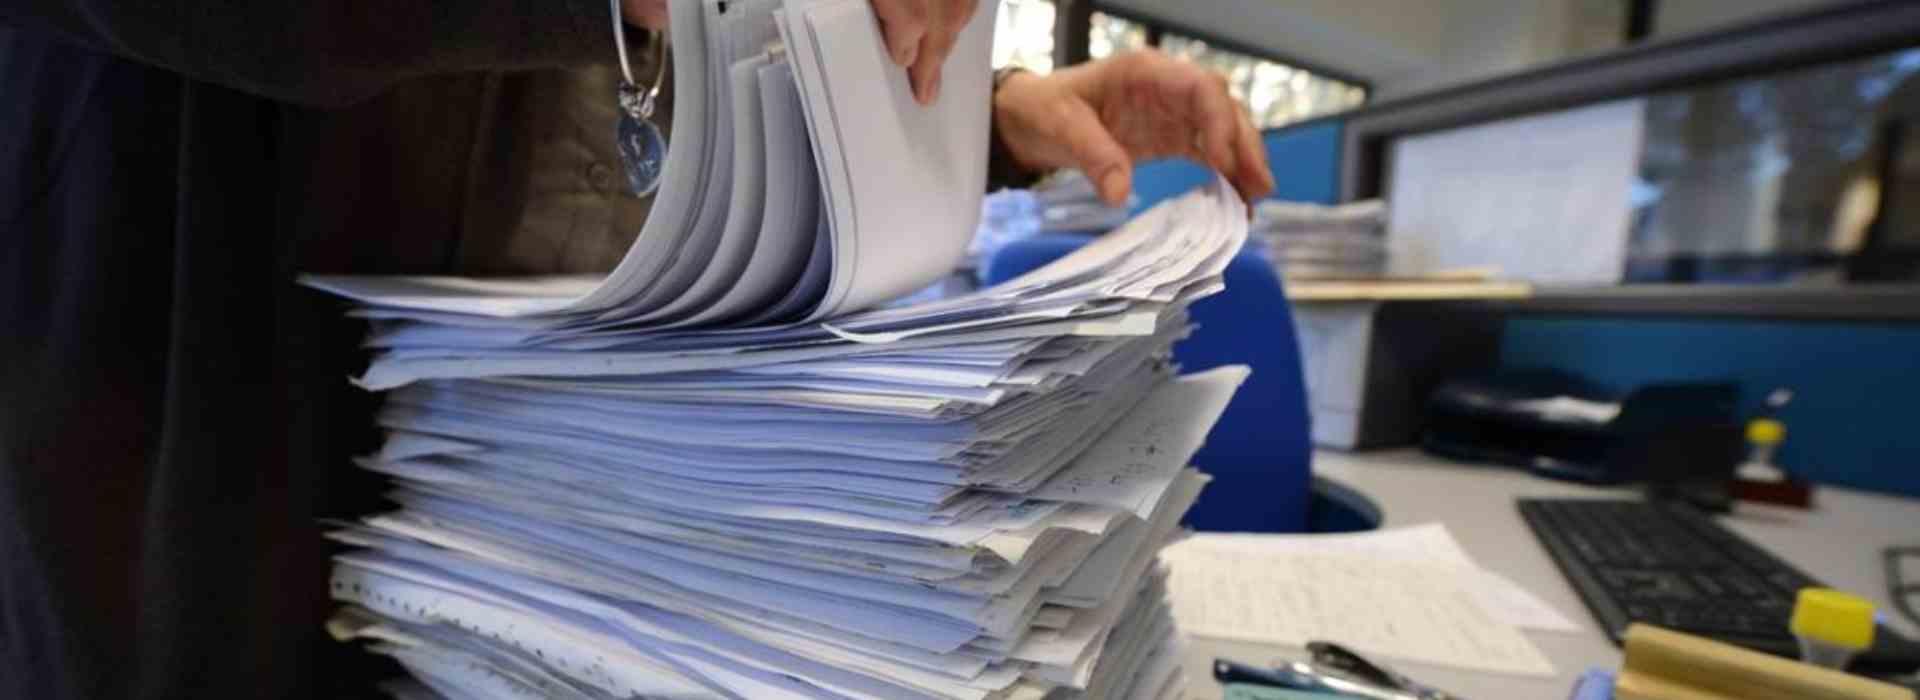 Dl Rilancio, Fisco: scade moratoria covid. Debiti da pagare entro 6 mesi. Tornano i pignoramenti